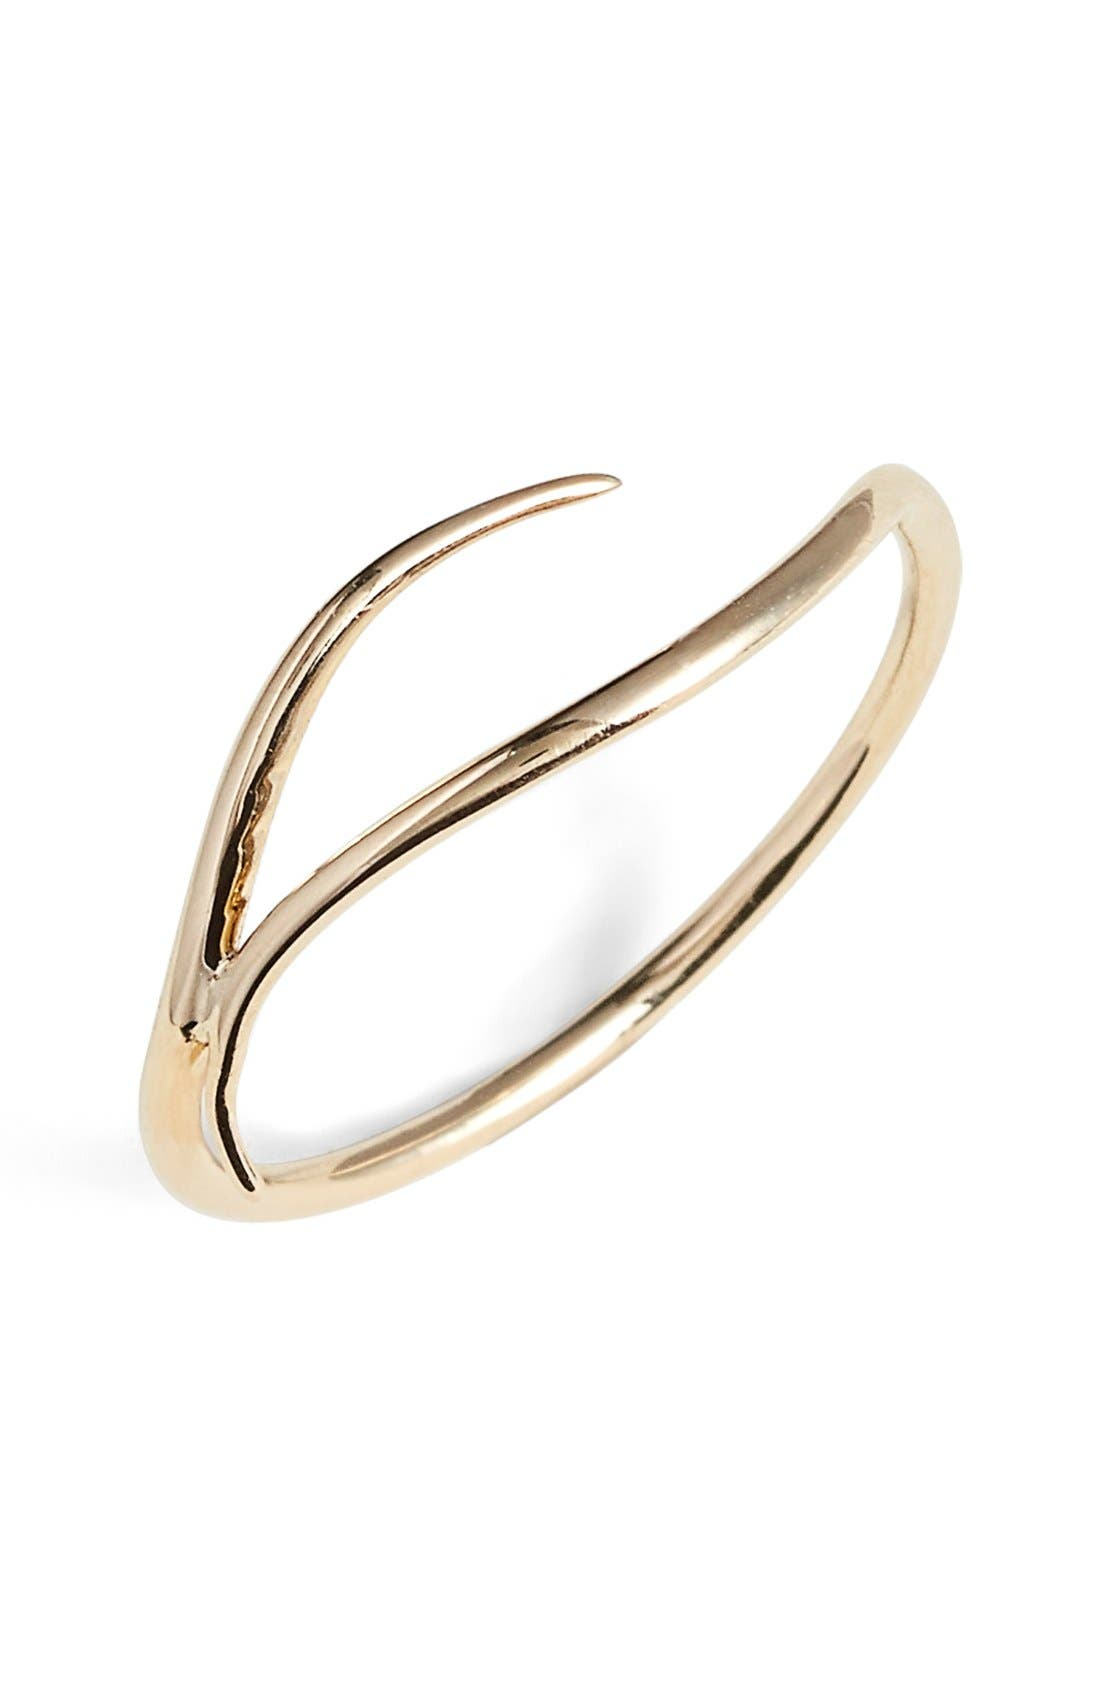 'Tenor' Gold Wave Ring,                             Main thumbnail 1, color,                             Gold